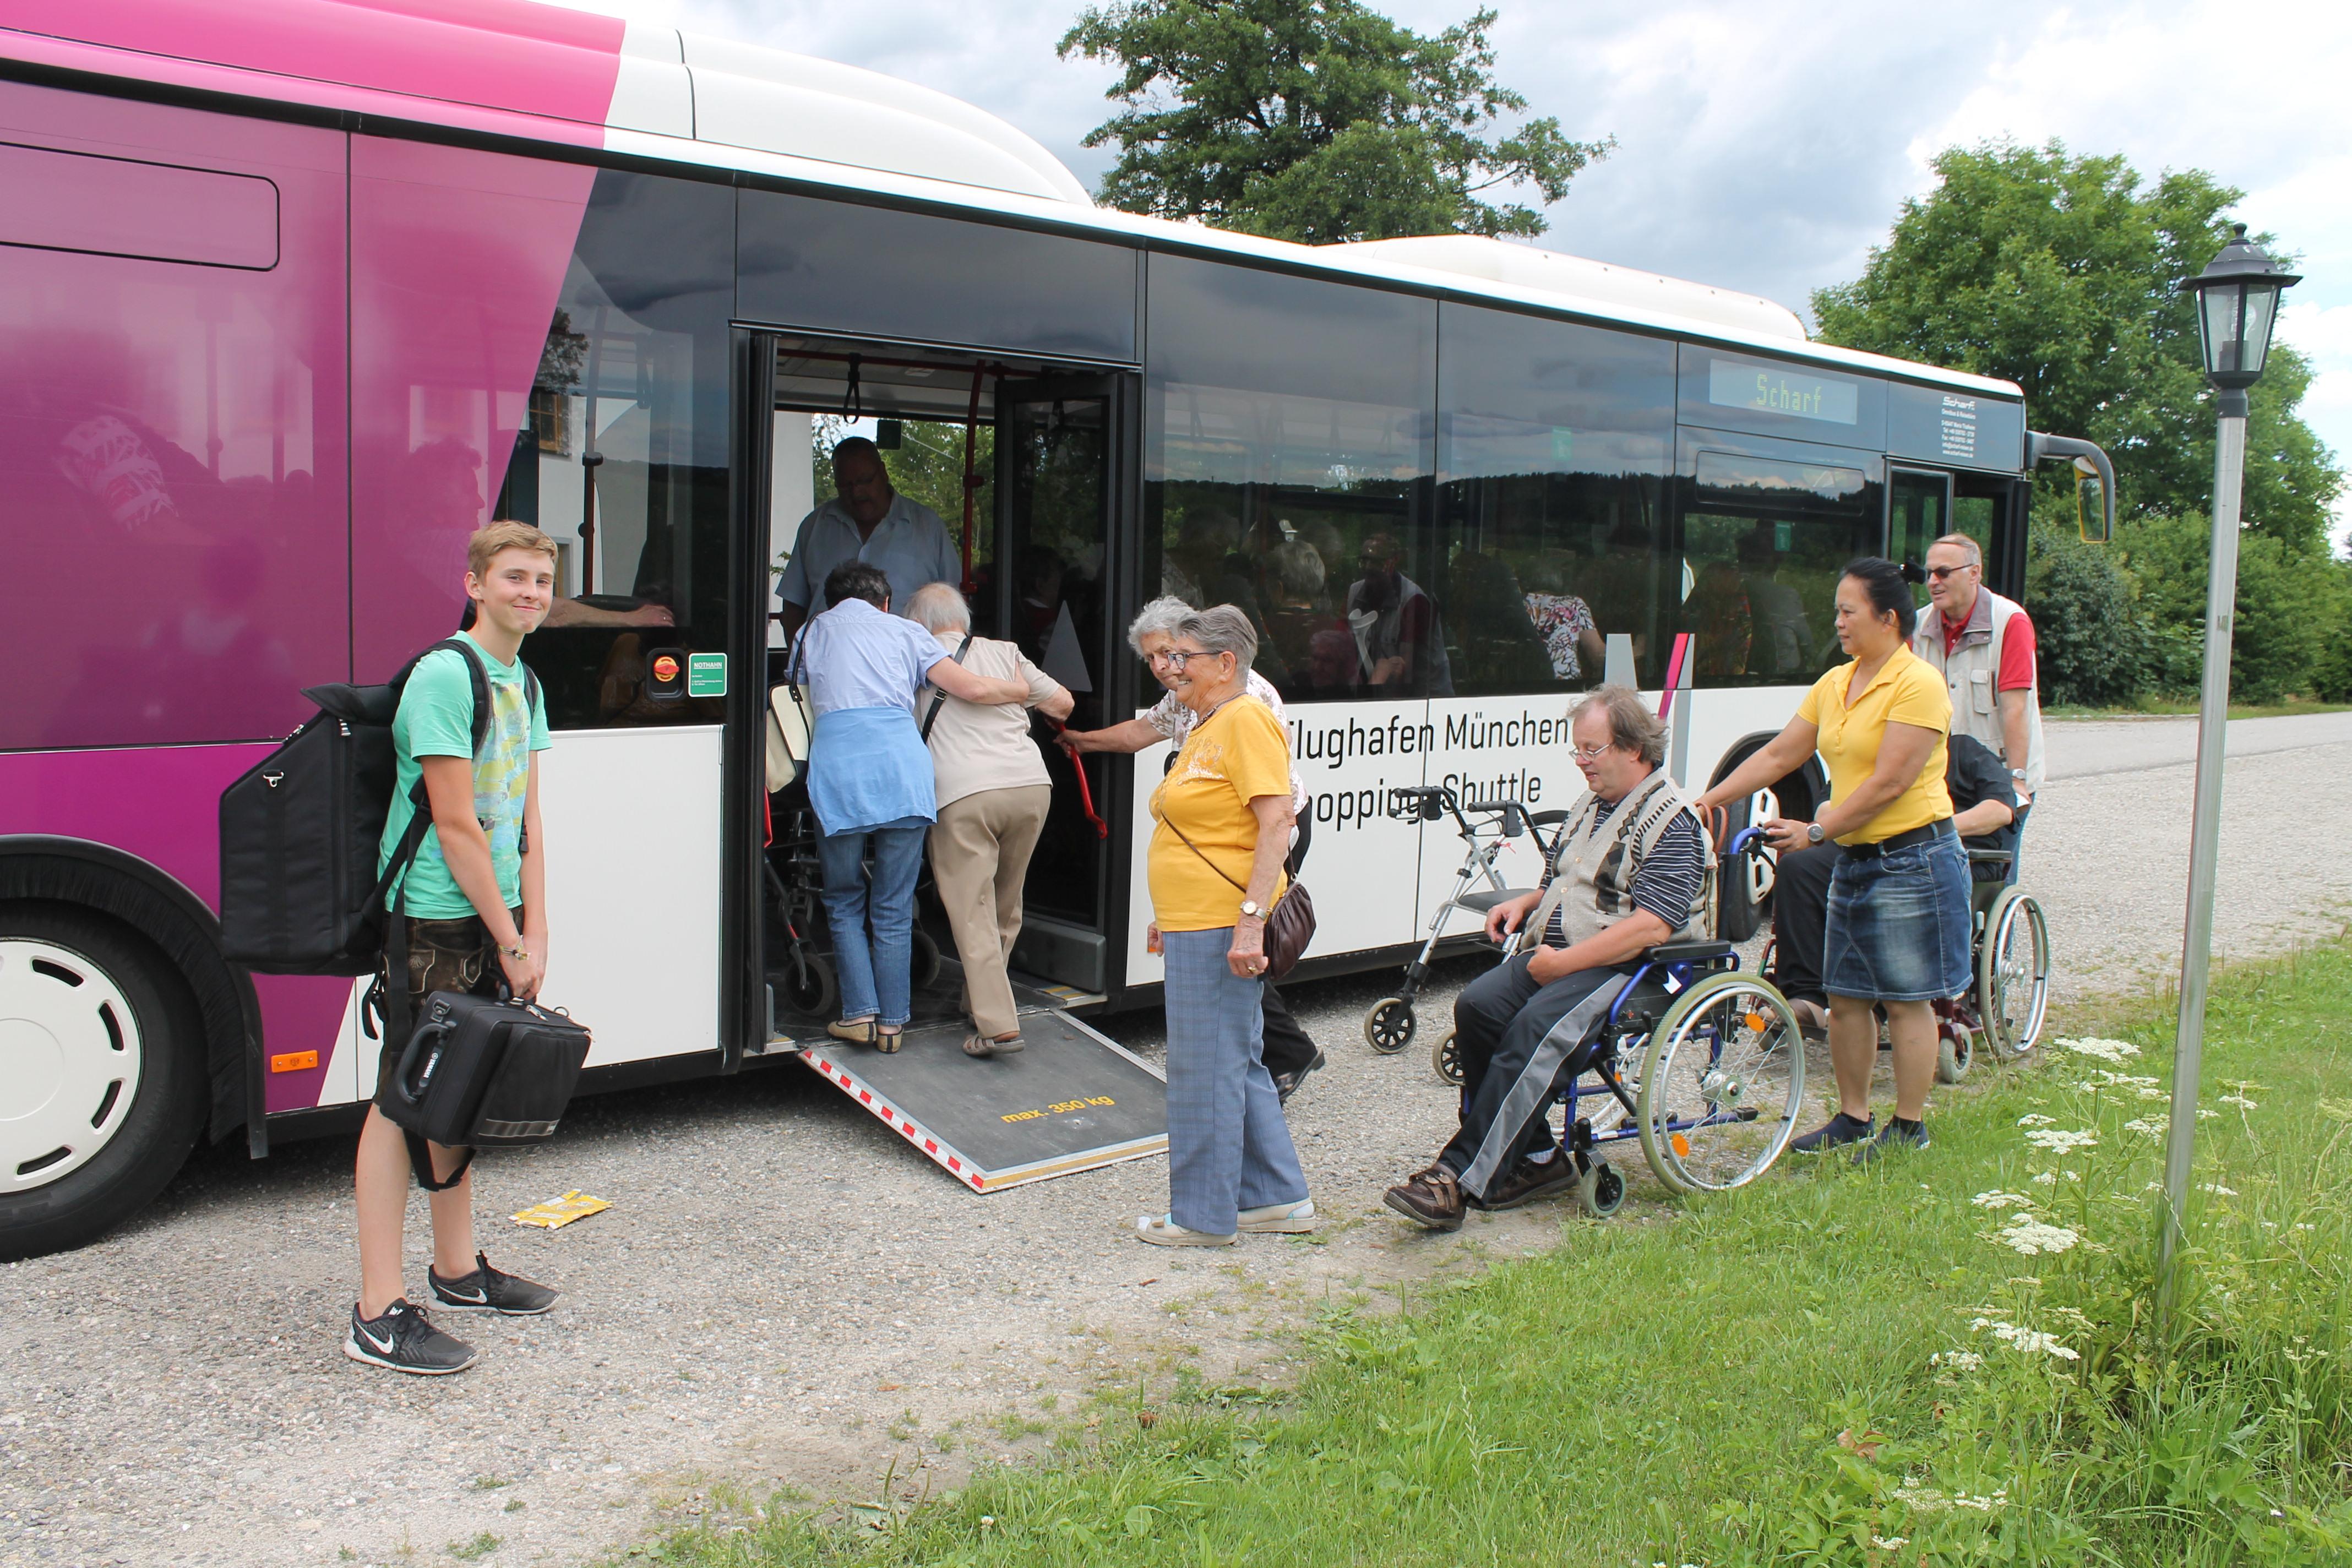 NBH-Helfer betreuten die Gäste beim Einstieg in den mit Rampe ausgestatteten Bus. Lorenz Schumertl (links), der junge Musikant